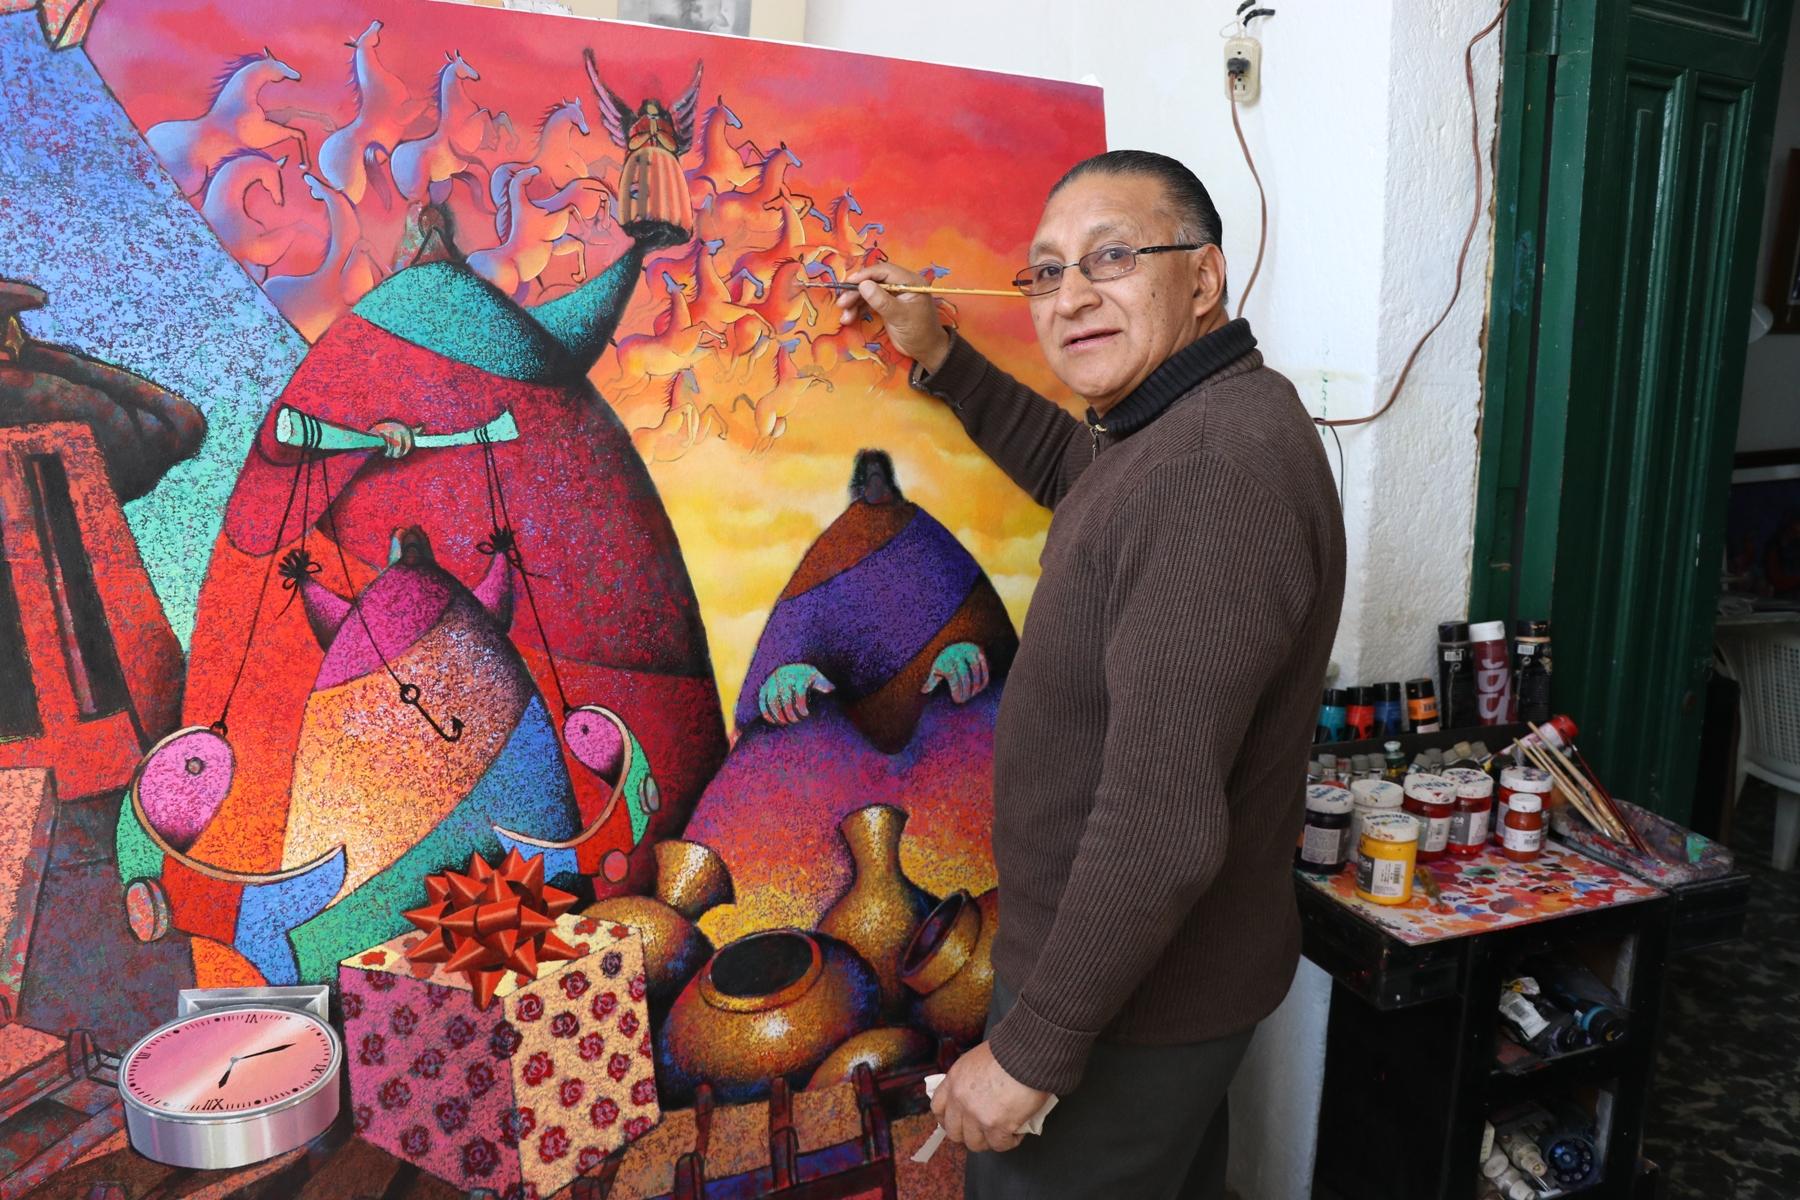 El pintor quetzalteco prepara una obra especial para el día de su homenaje. (Foto Prensa Libre: María Longo)